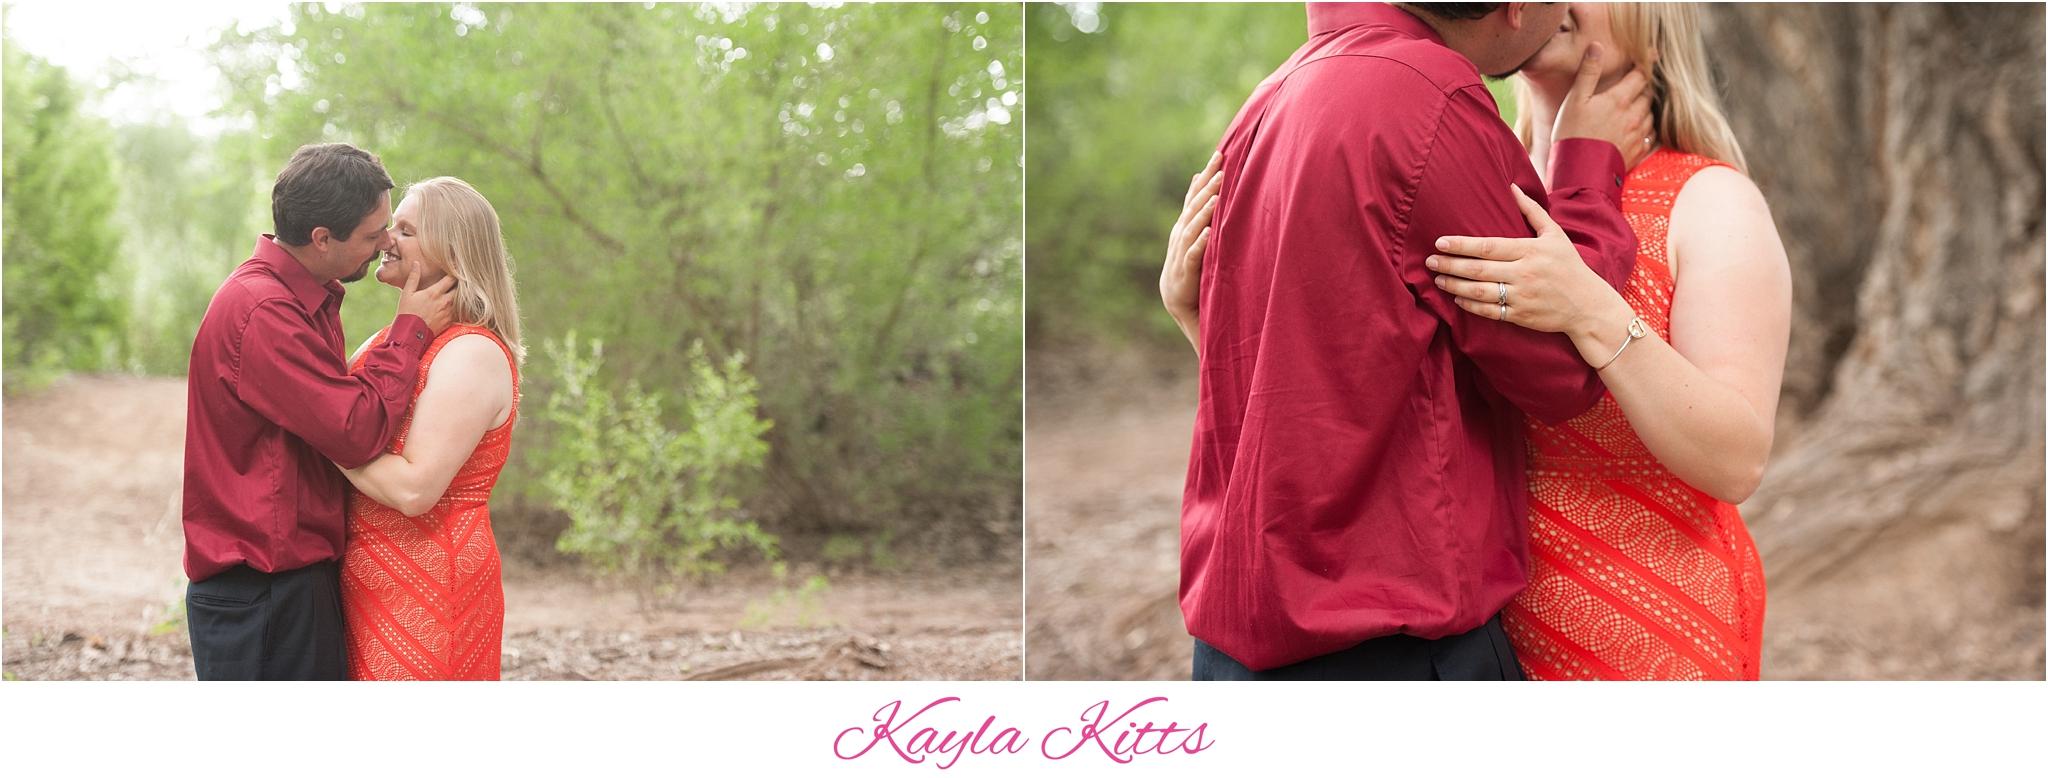 kayla kitts photography - albuquerque wedding photographer - albuquerque wedding - albuquerque outdoor ceremony - sandia - casa de suenos - hotel andaluz - los poblanos wedding - new mexico wedding photographer_0171.jpg